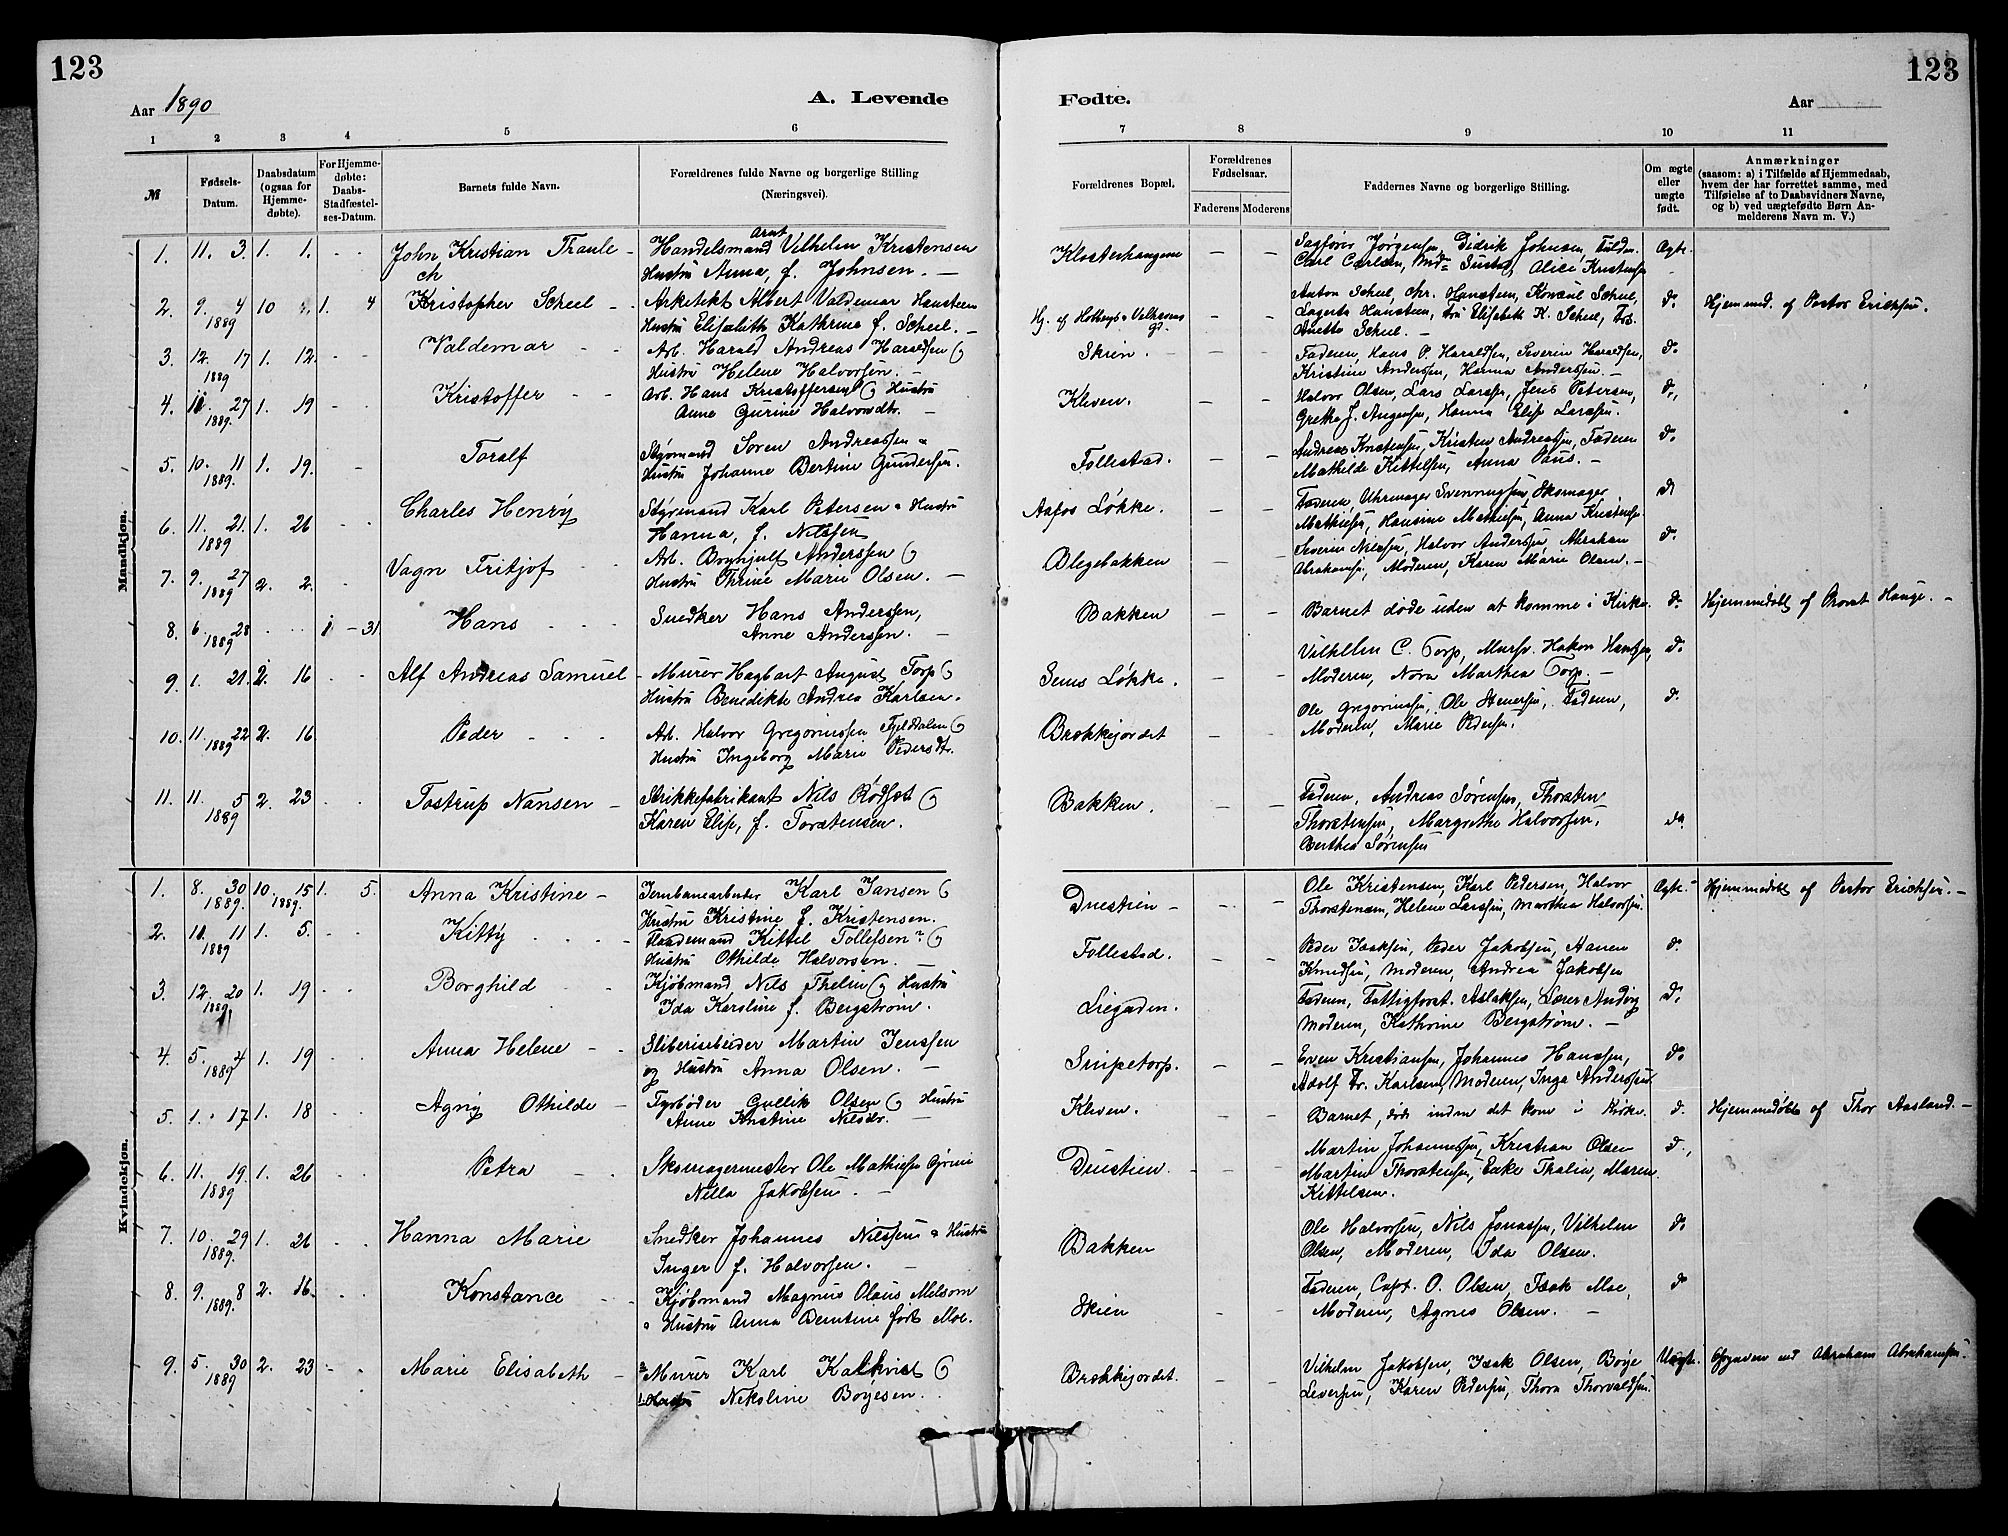 SAKO, Skien kirkebøker, G/Ga/L0006: Klokkerbok nr. 6, 1881-1890, s. 123